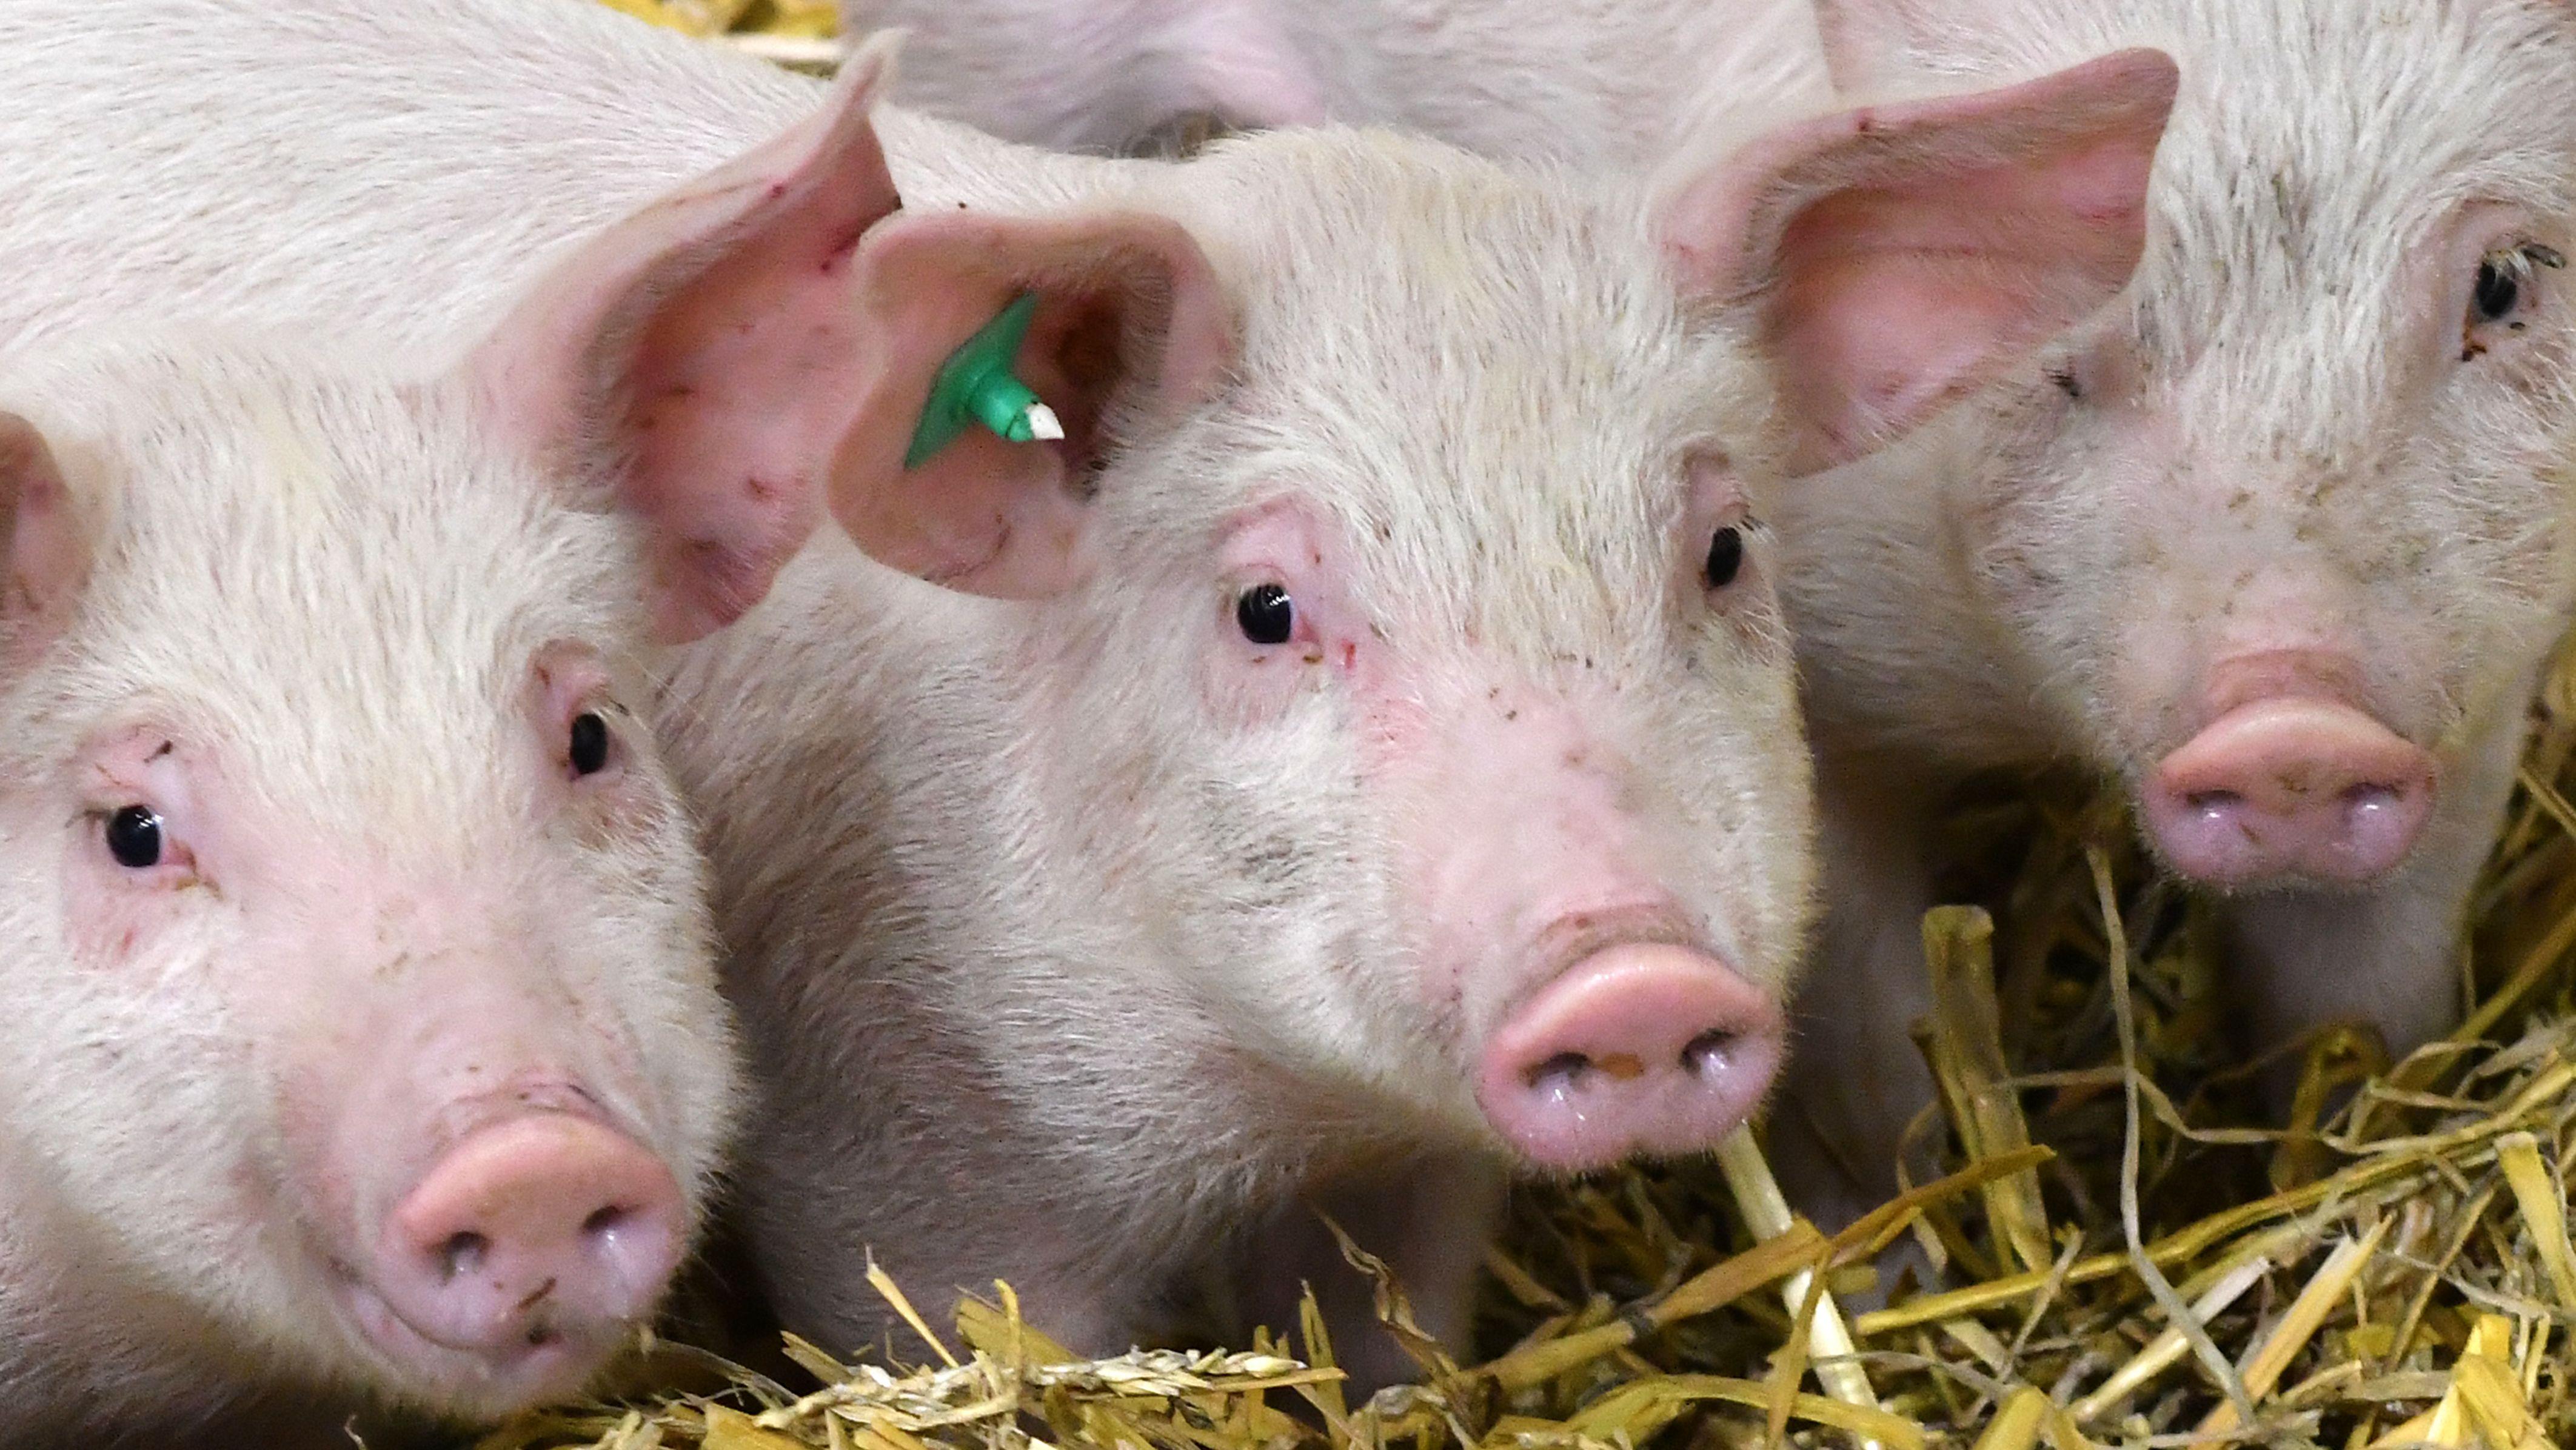 Drei kleine Schweinchen auf Abwegen: In Bayerdilling im Landkreis Donau-Ries sind am Sonntag Morgen Tiere ausgebüxt - und durch den Ort spaziert.